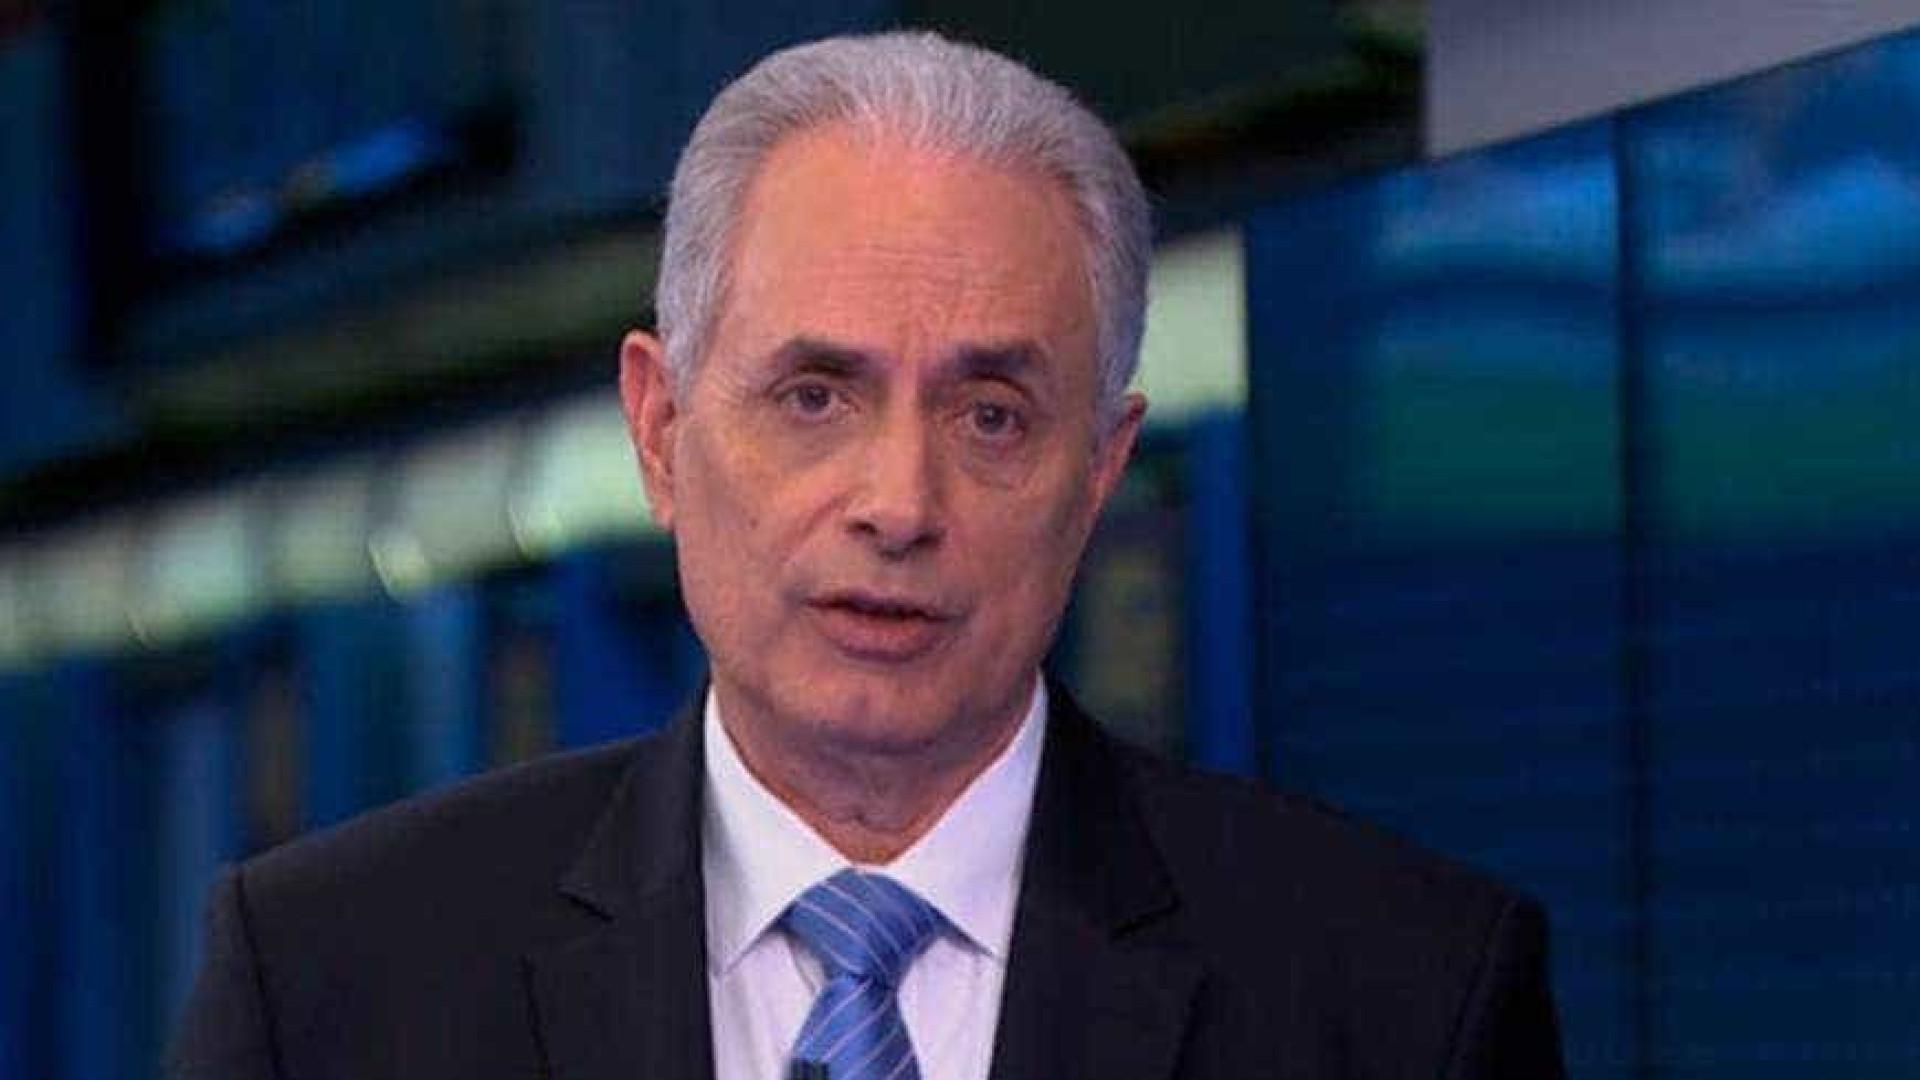 Quase metade dos brasileiros quer Waack demitido, diz pesquisa